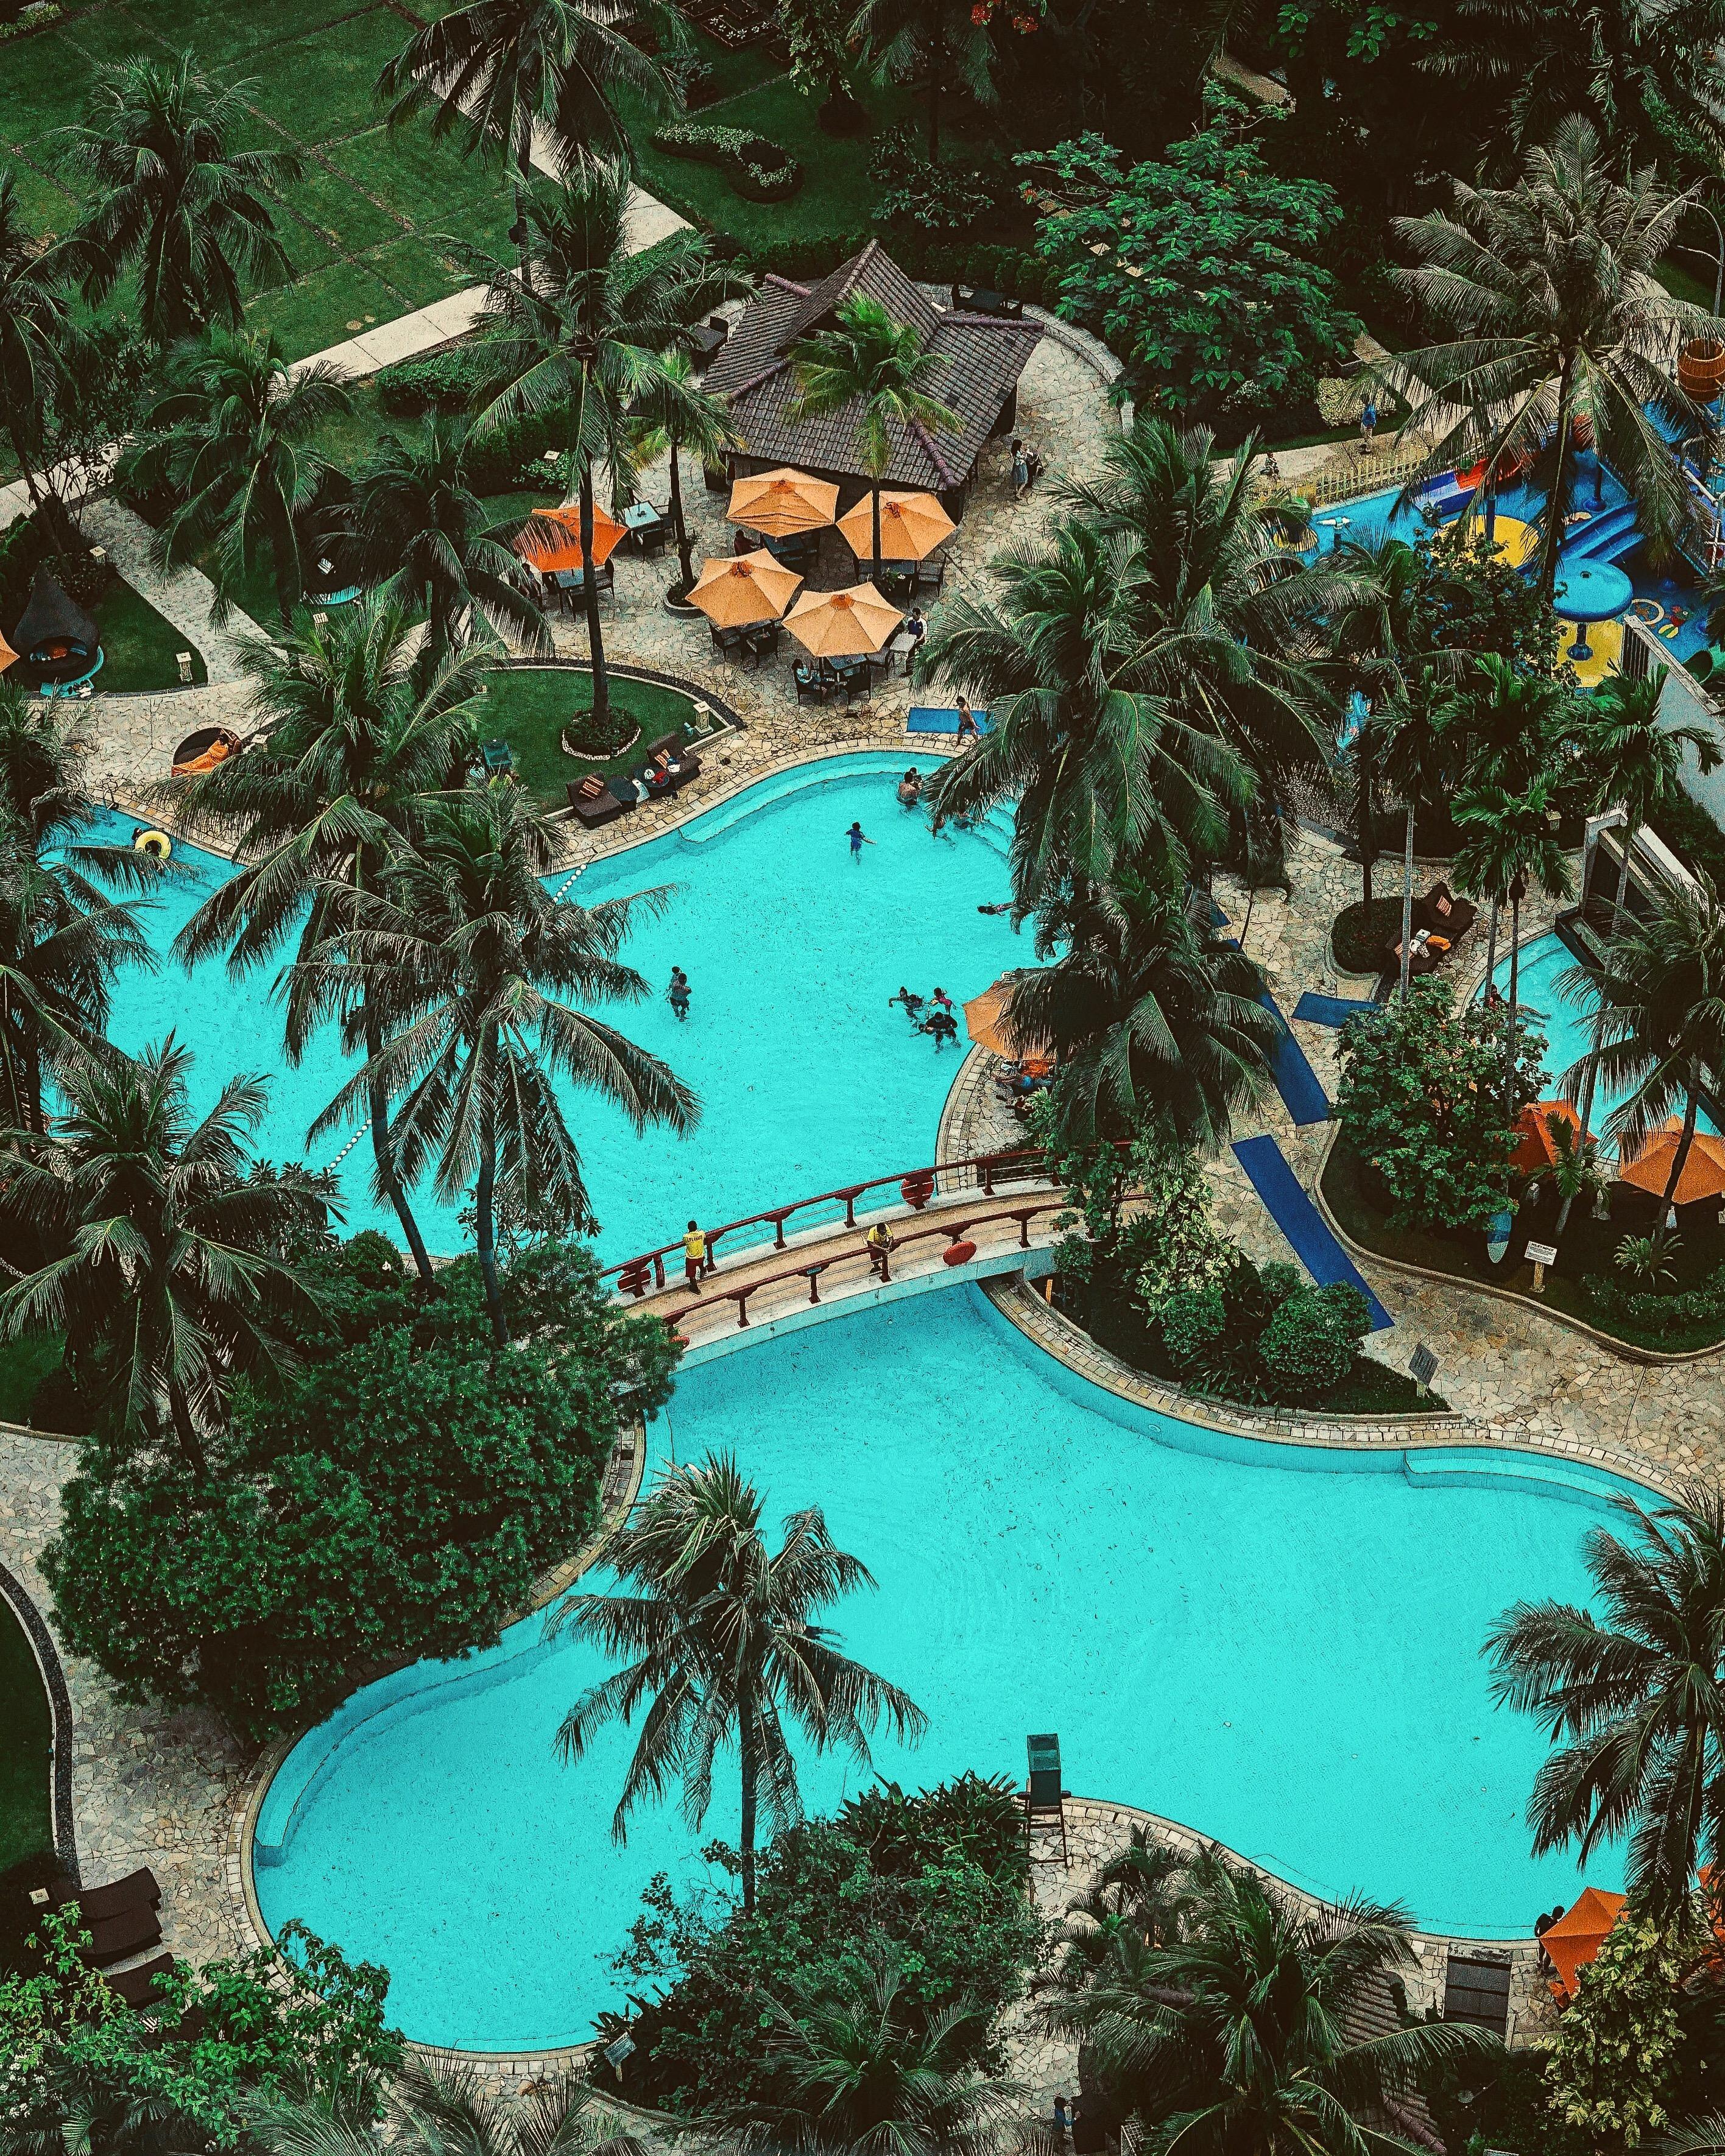 Lagoon Pool Shangri-La Hotel Jakarta